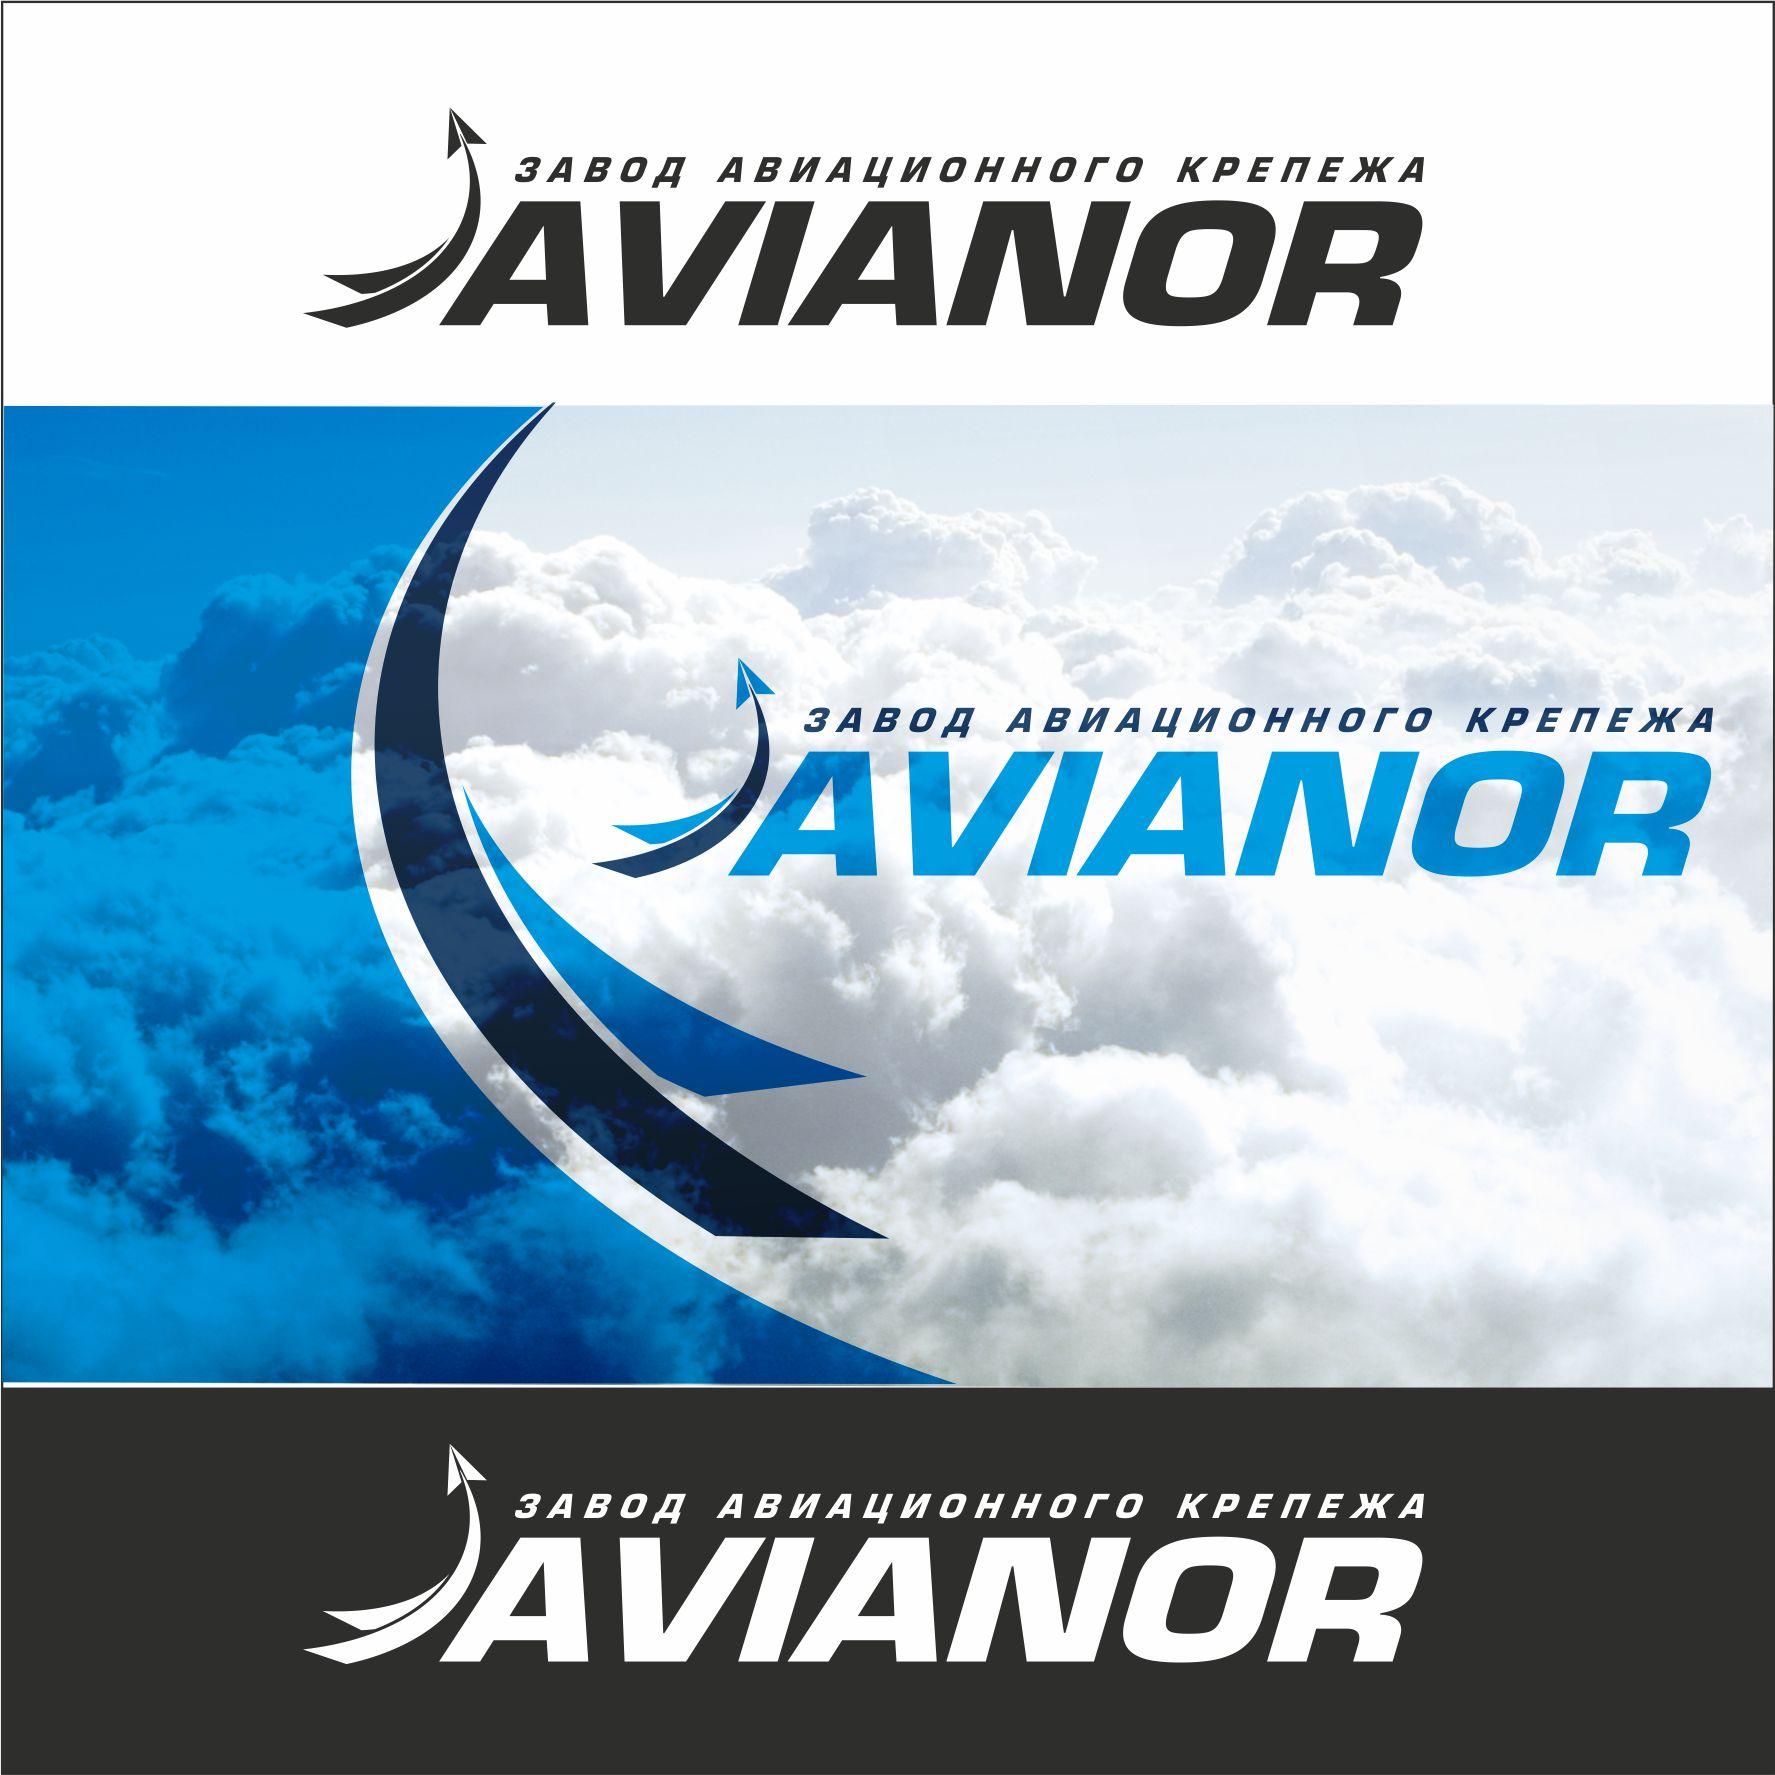 Нужен логотип и фирменный стиль для завода фото f_02352984337a19bf.jpg